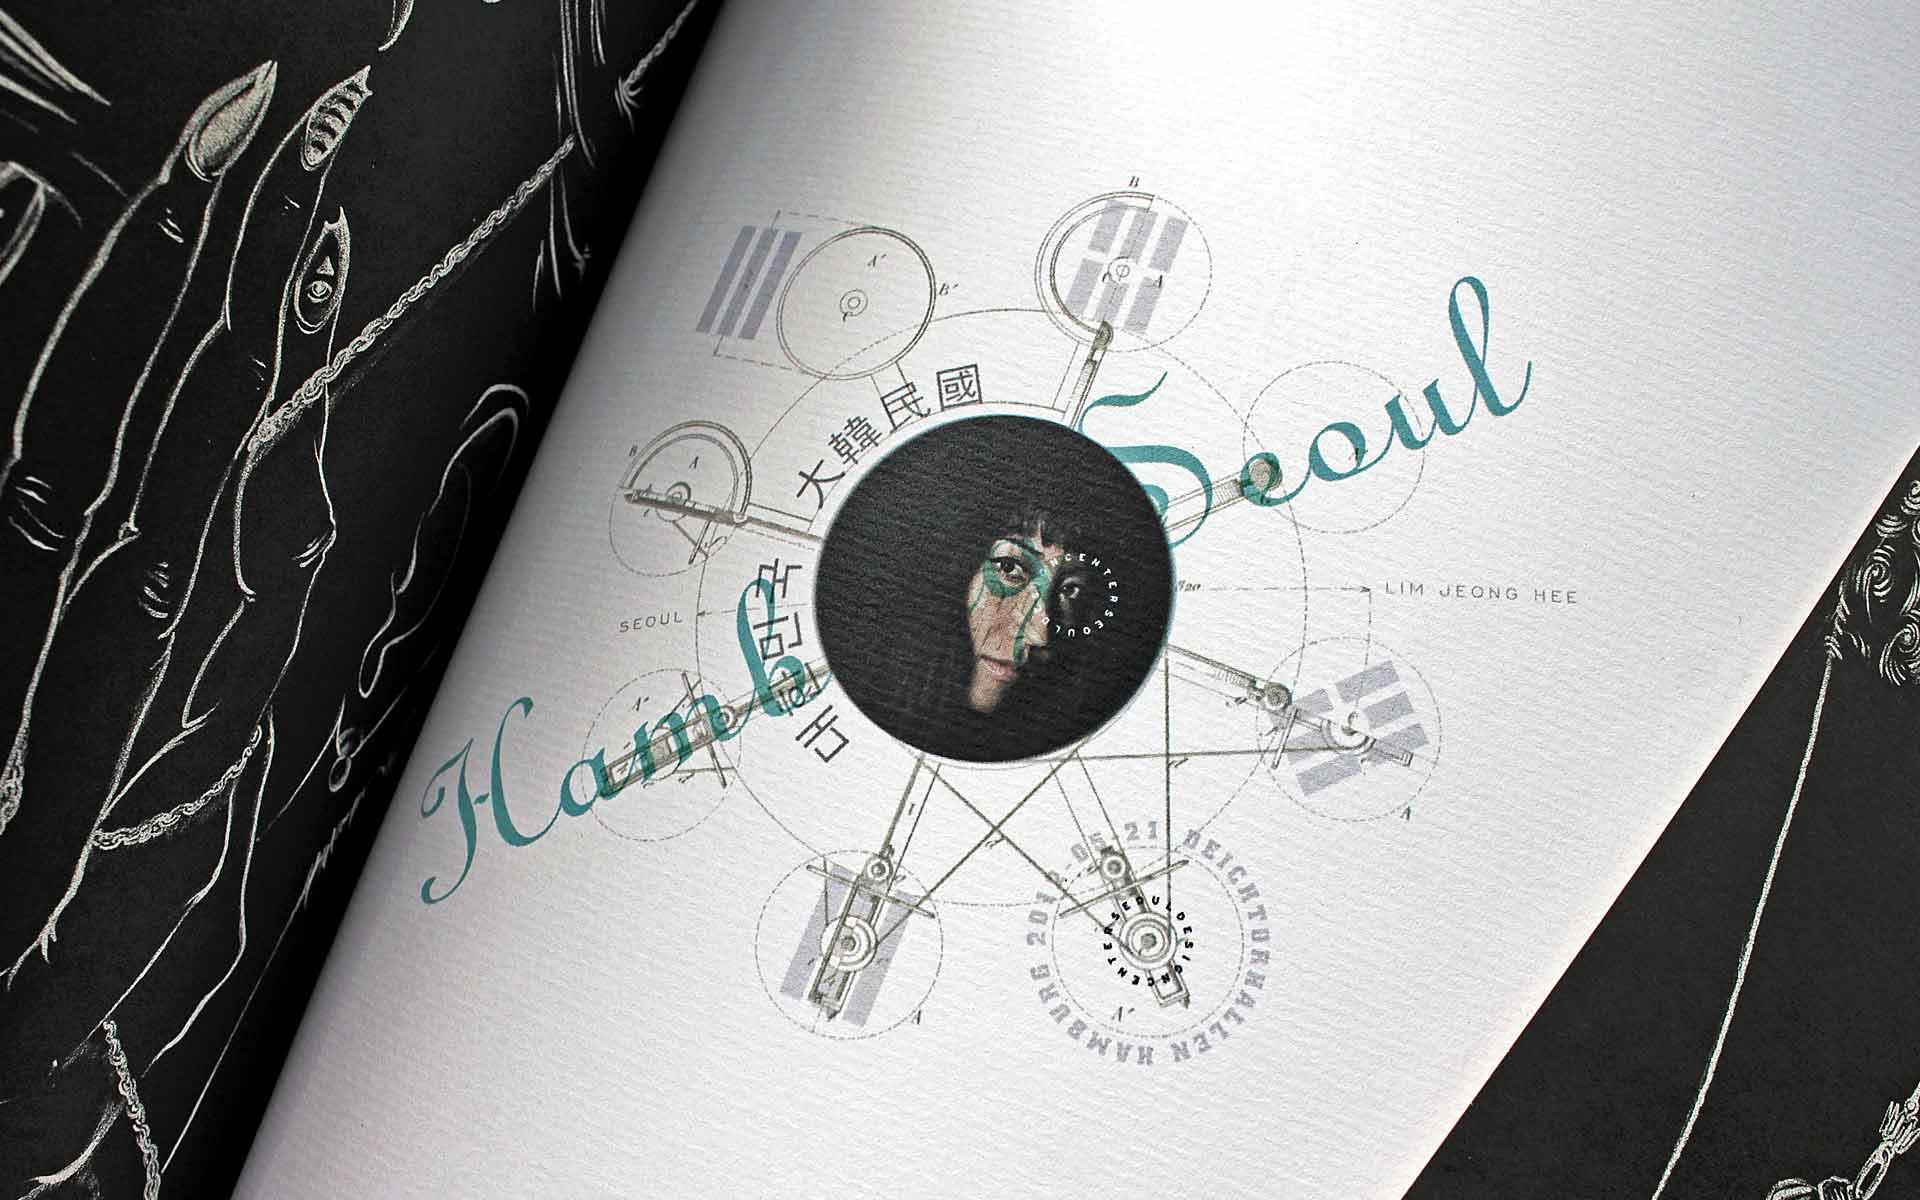 Korea Institute of Design, Seoul, Republik Korea, Broschüre für eine Einladung.